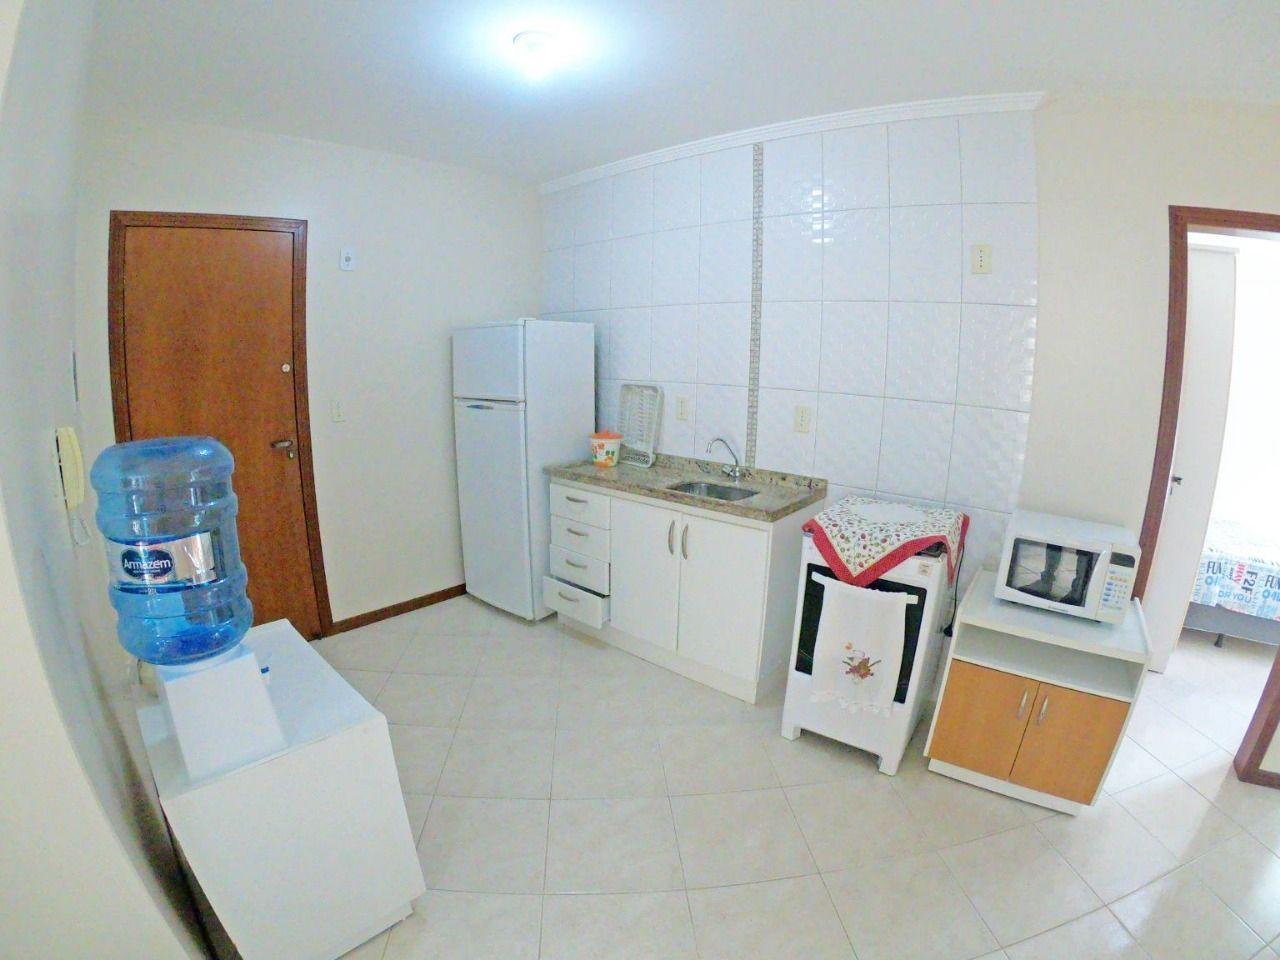 Apartamento com 1 Dormitórios para alugar, 55 m² valor à combinar